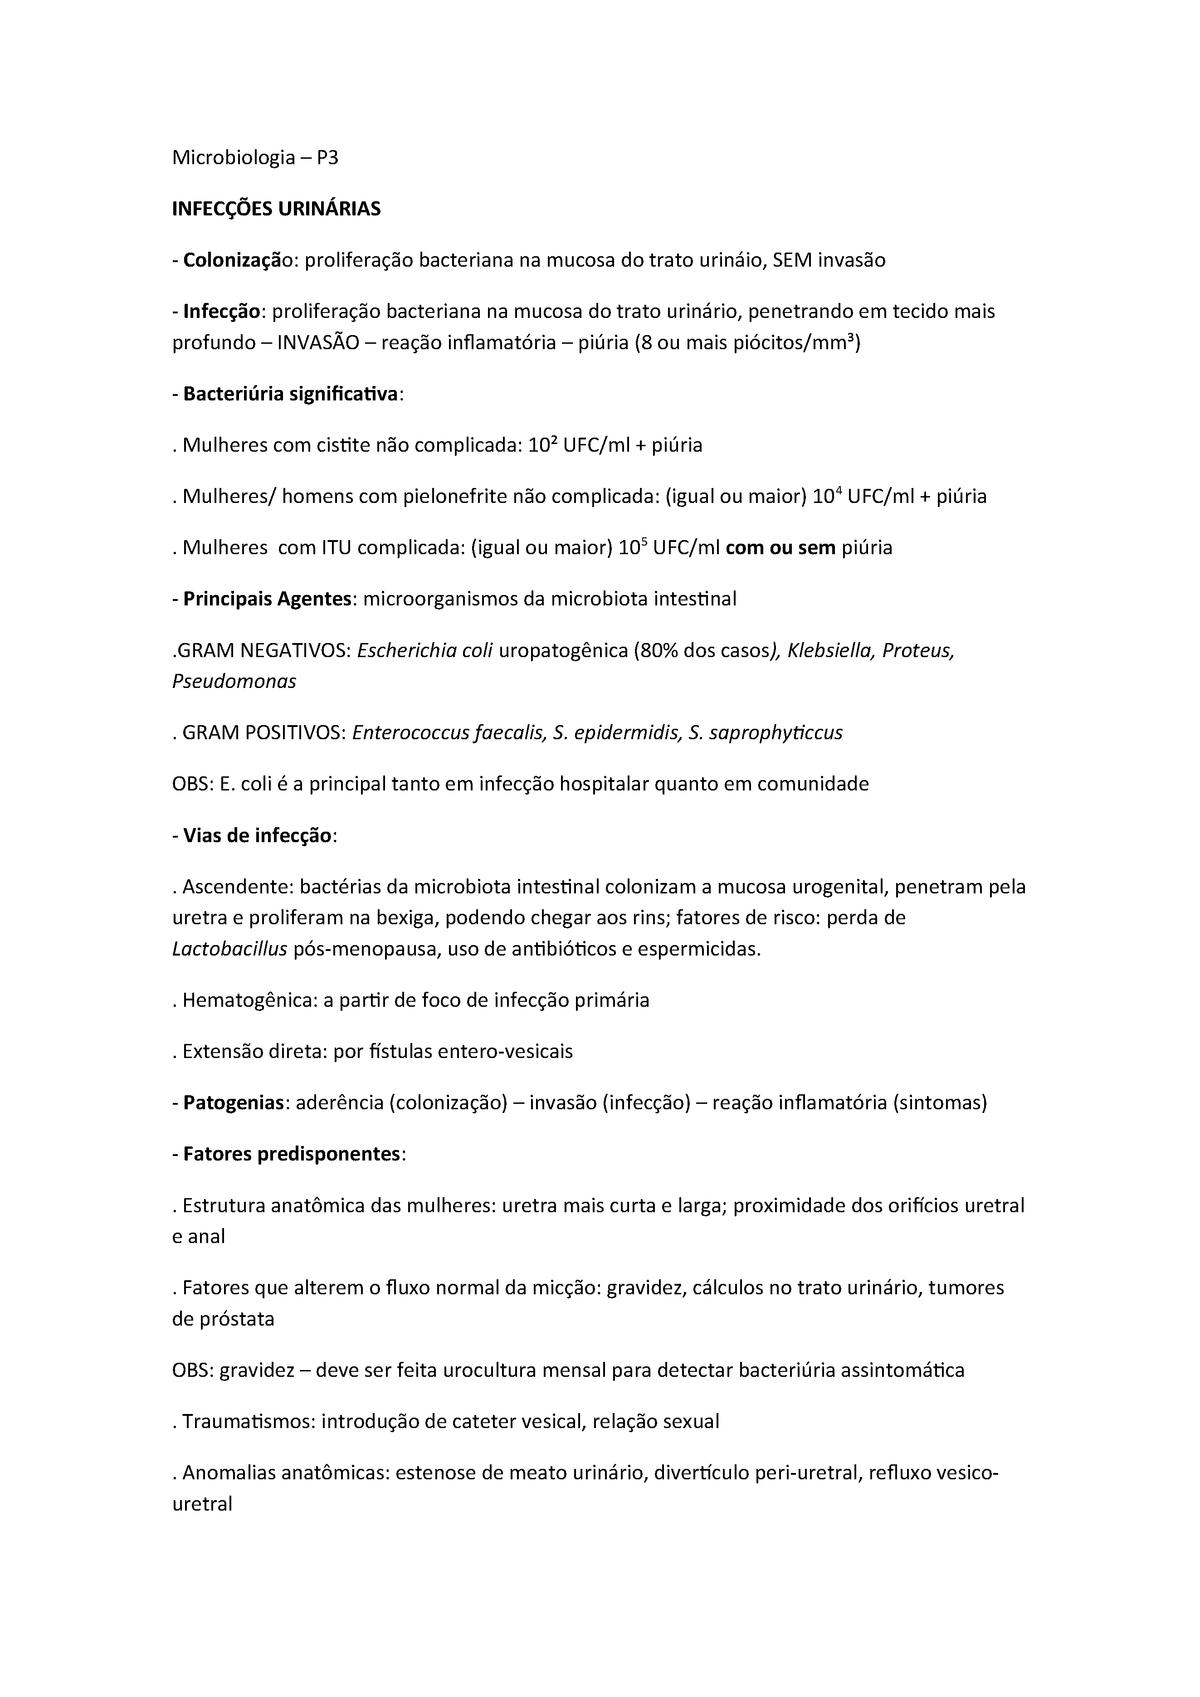 Resumo De Microbiologia Par005gv Ufjf Studocu